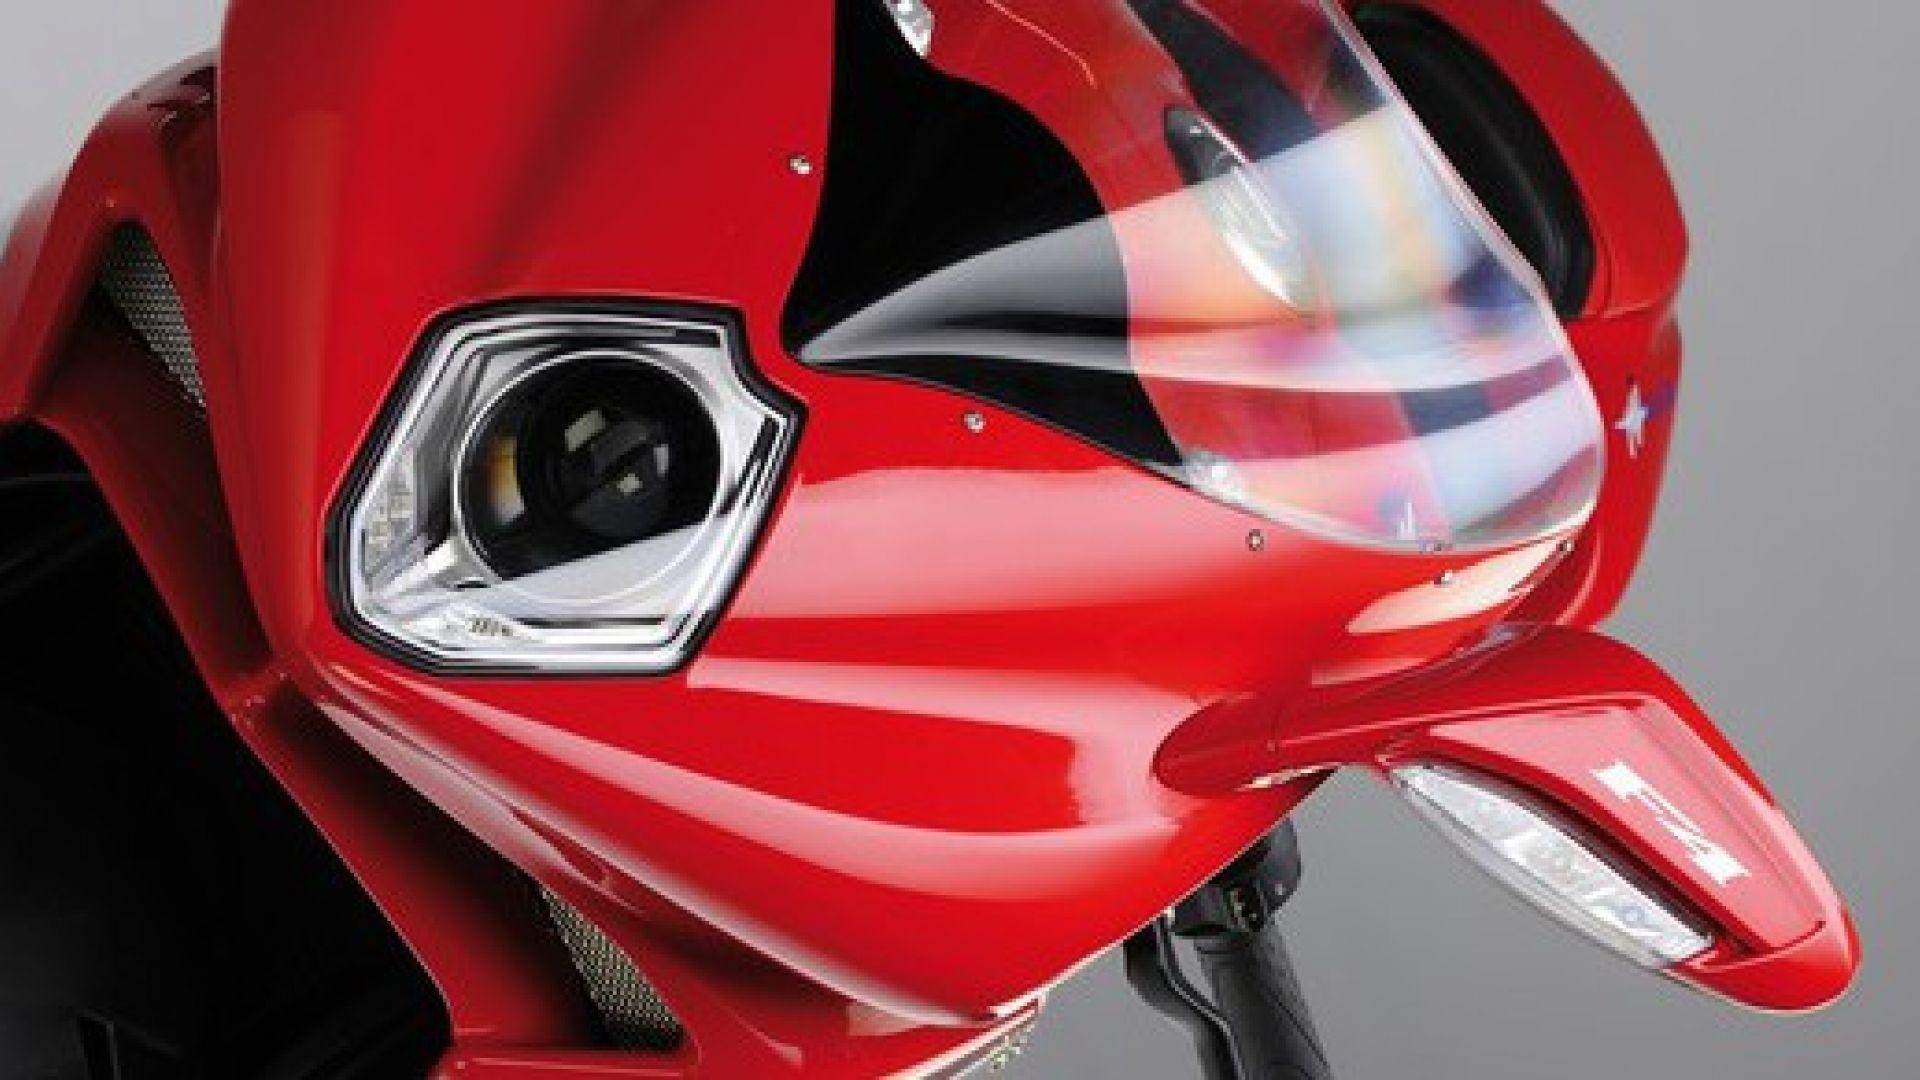 Immagine 95: Al Mugello con le 1000 Superbike 2011